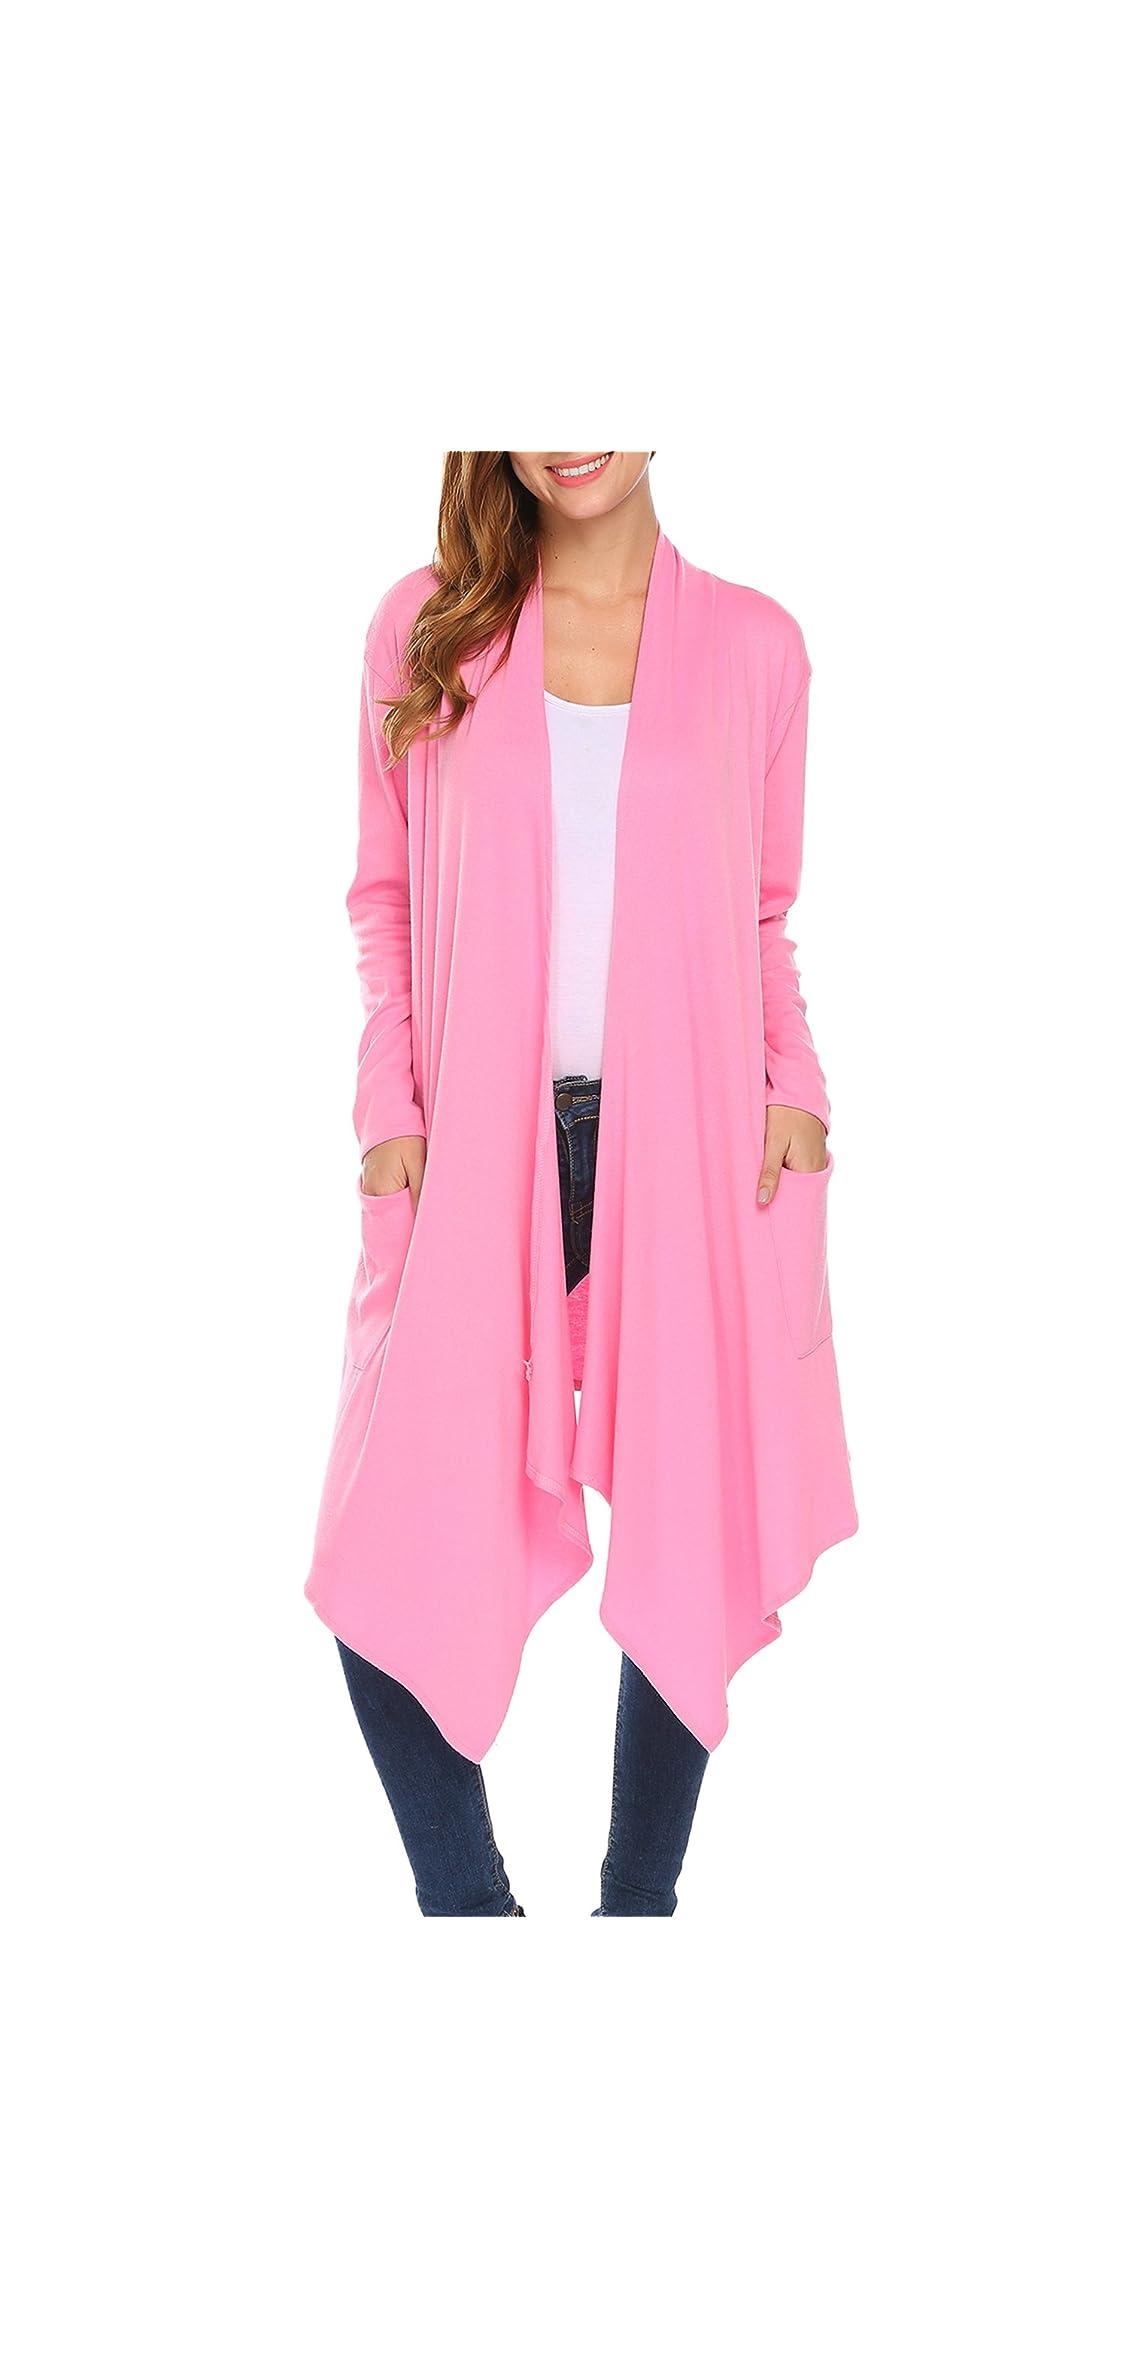 Womens Open Front Asymmetrical Drape Long Maxi Cardigan Long